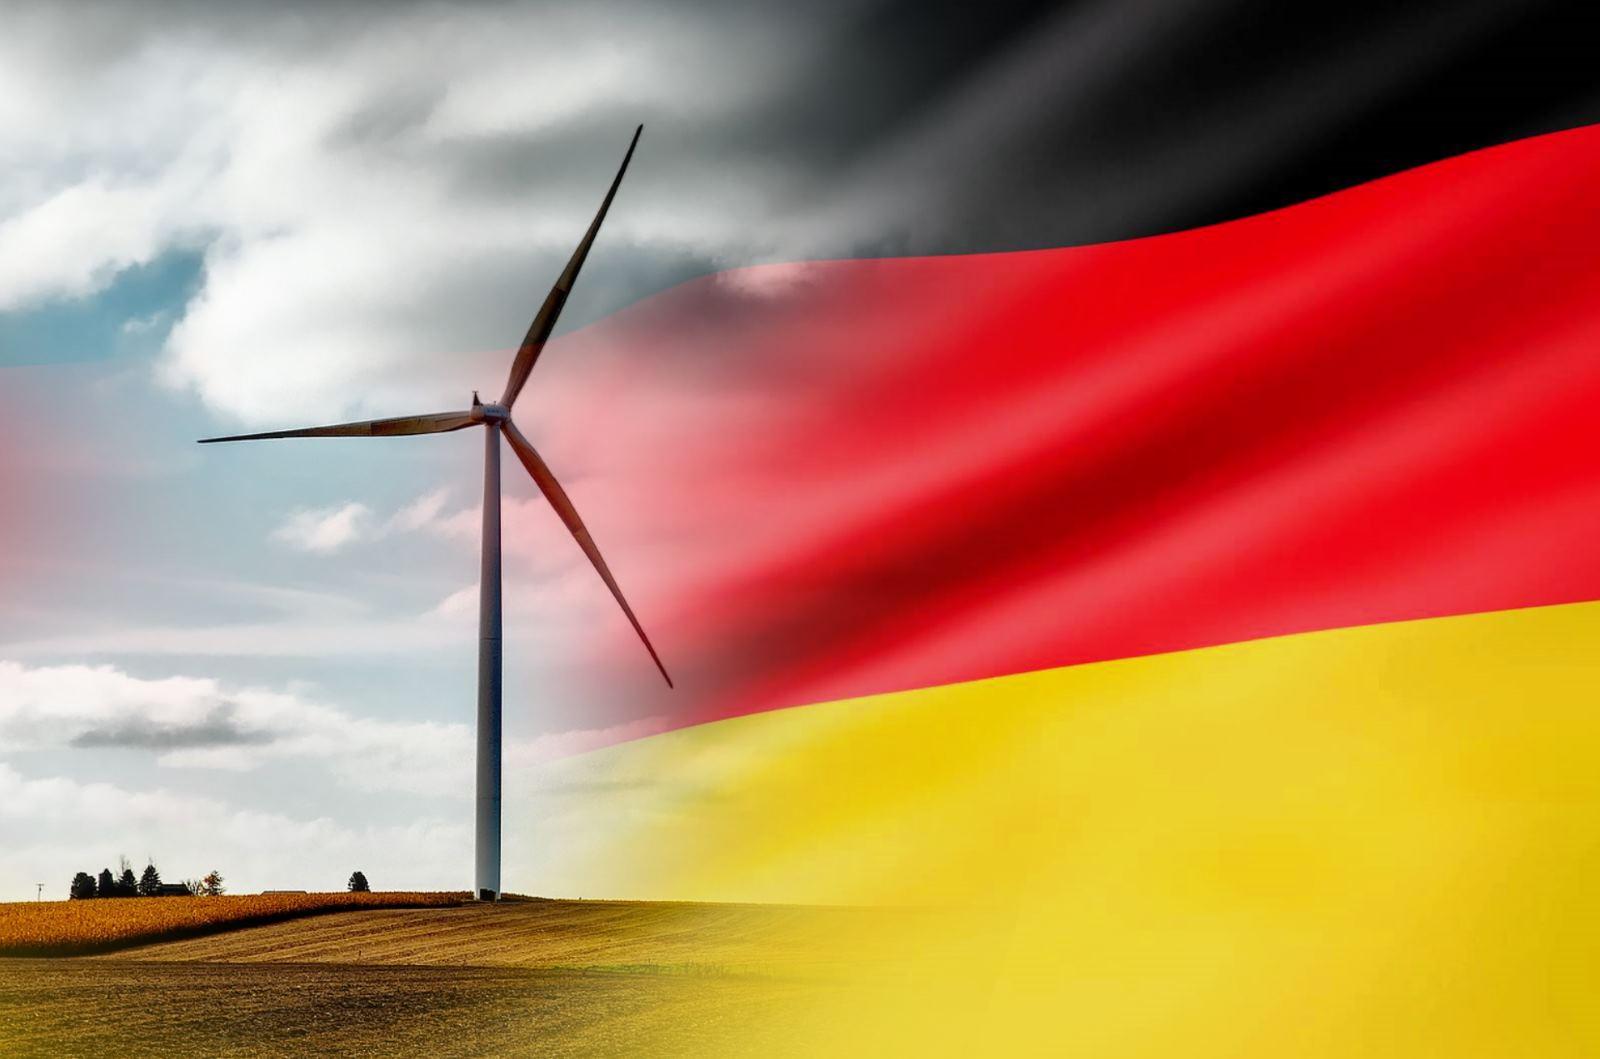 Bundestag in Bezug Recycling und Umwelt mit sich